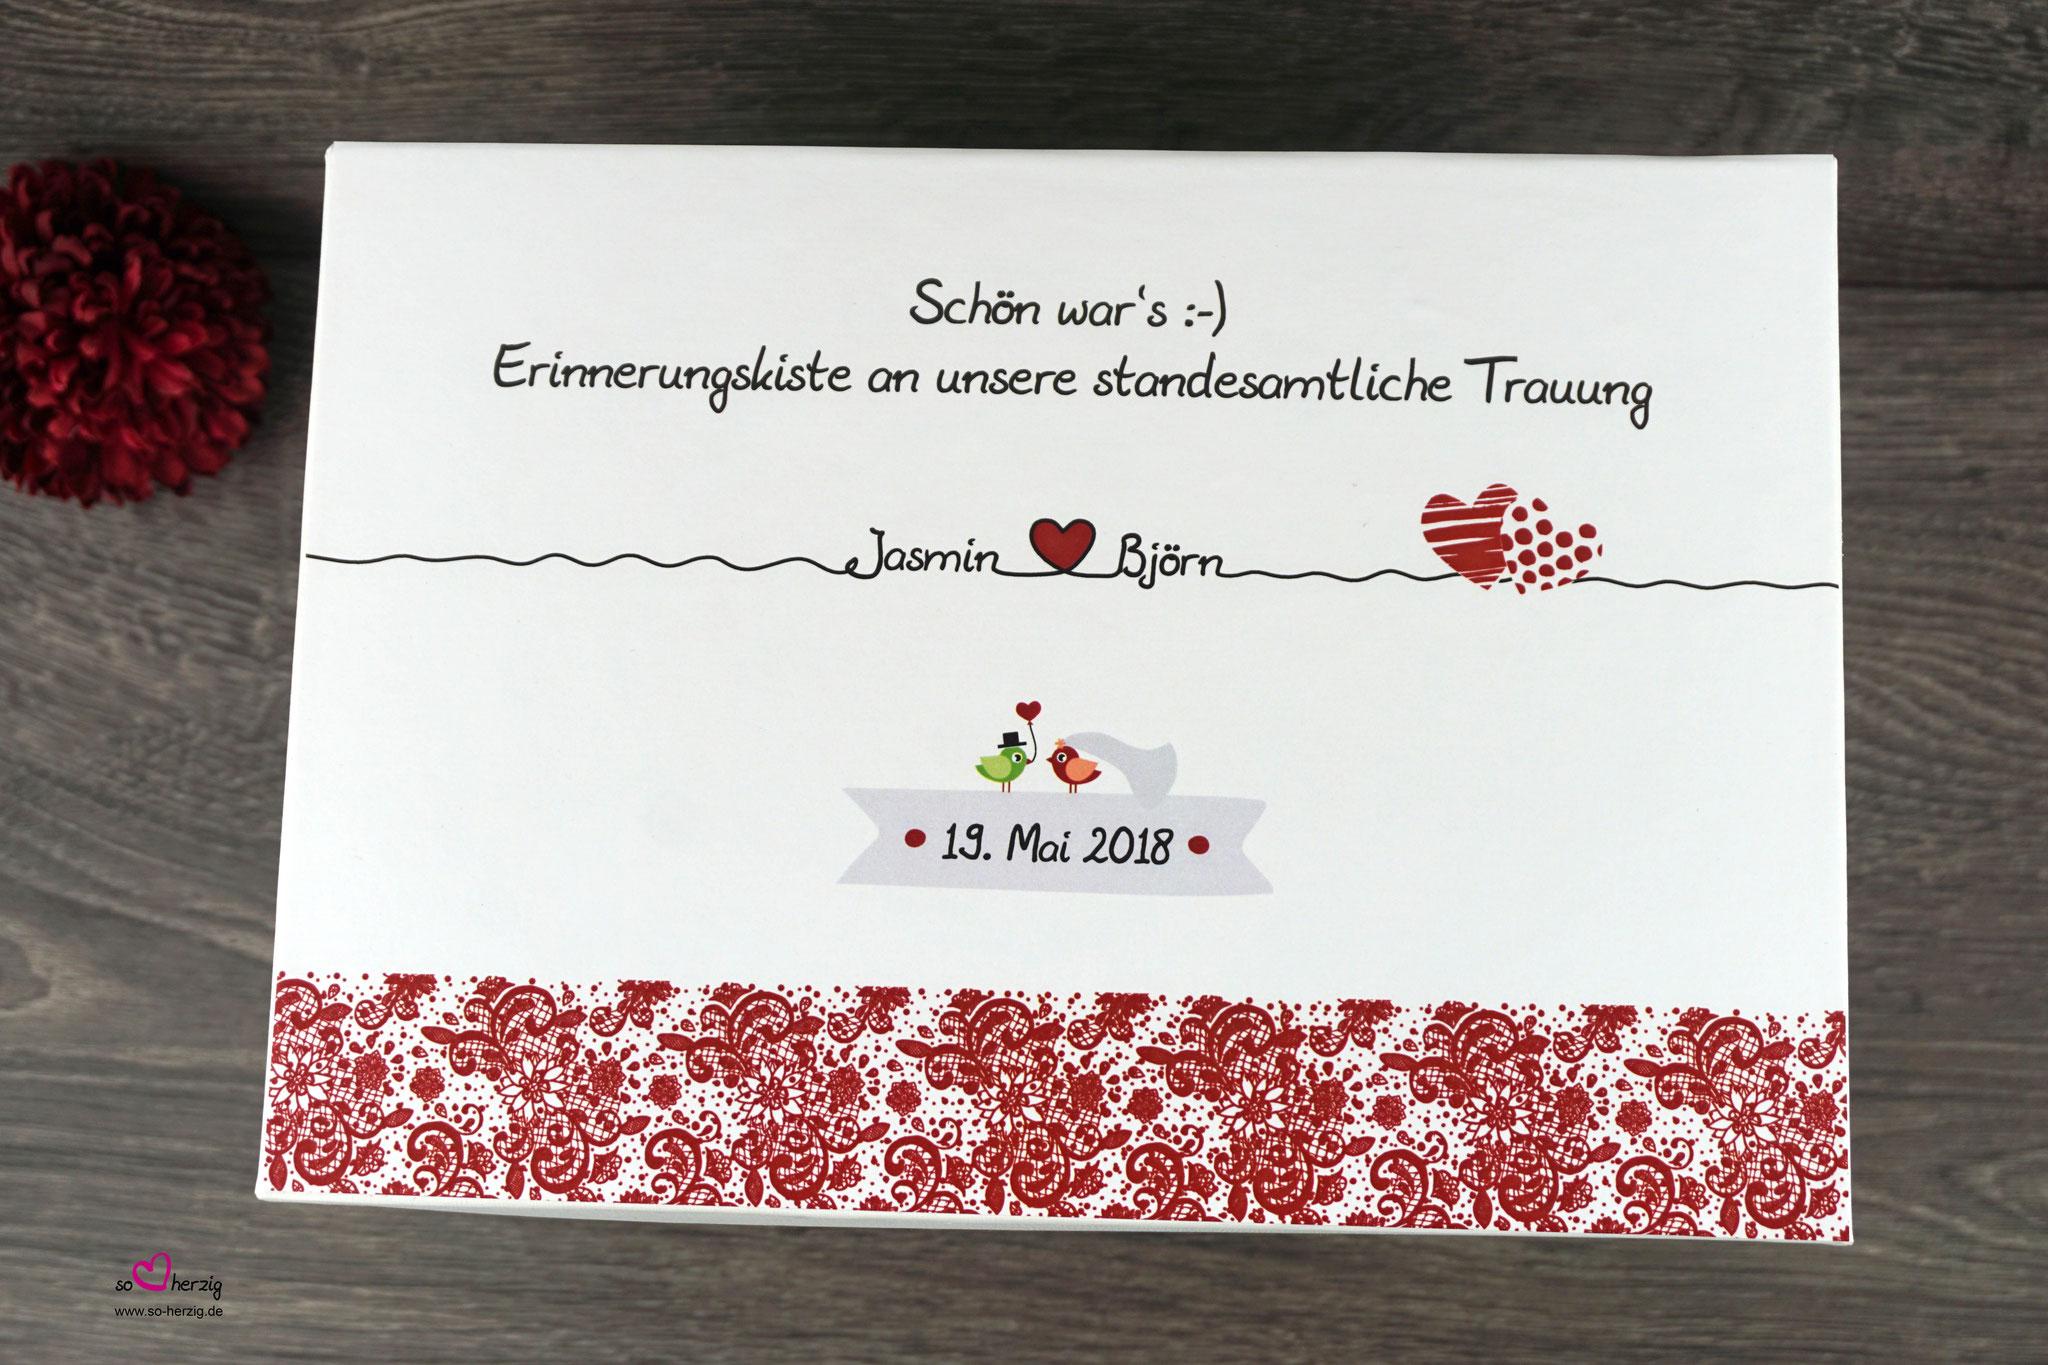 """Erinnerungskiste für das Standesamt Spitze Dunkelrot - Sonderanfertigung """"Zwei Herzen"""""""